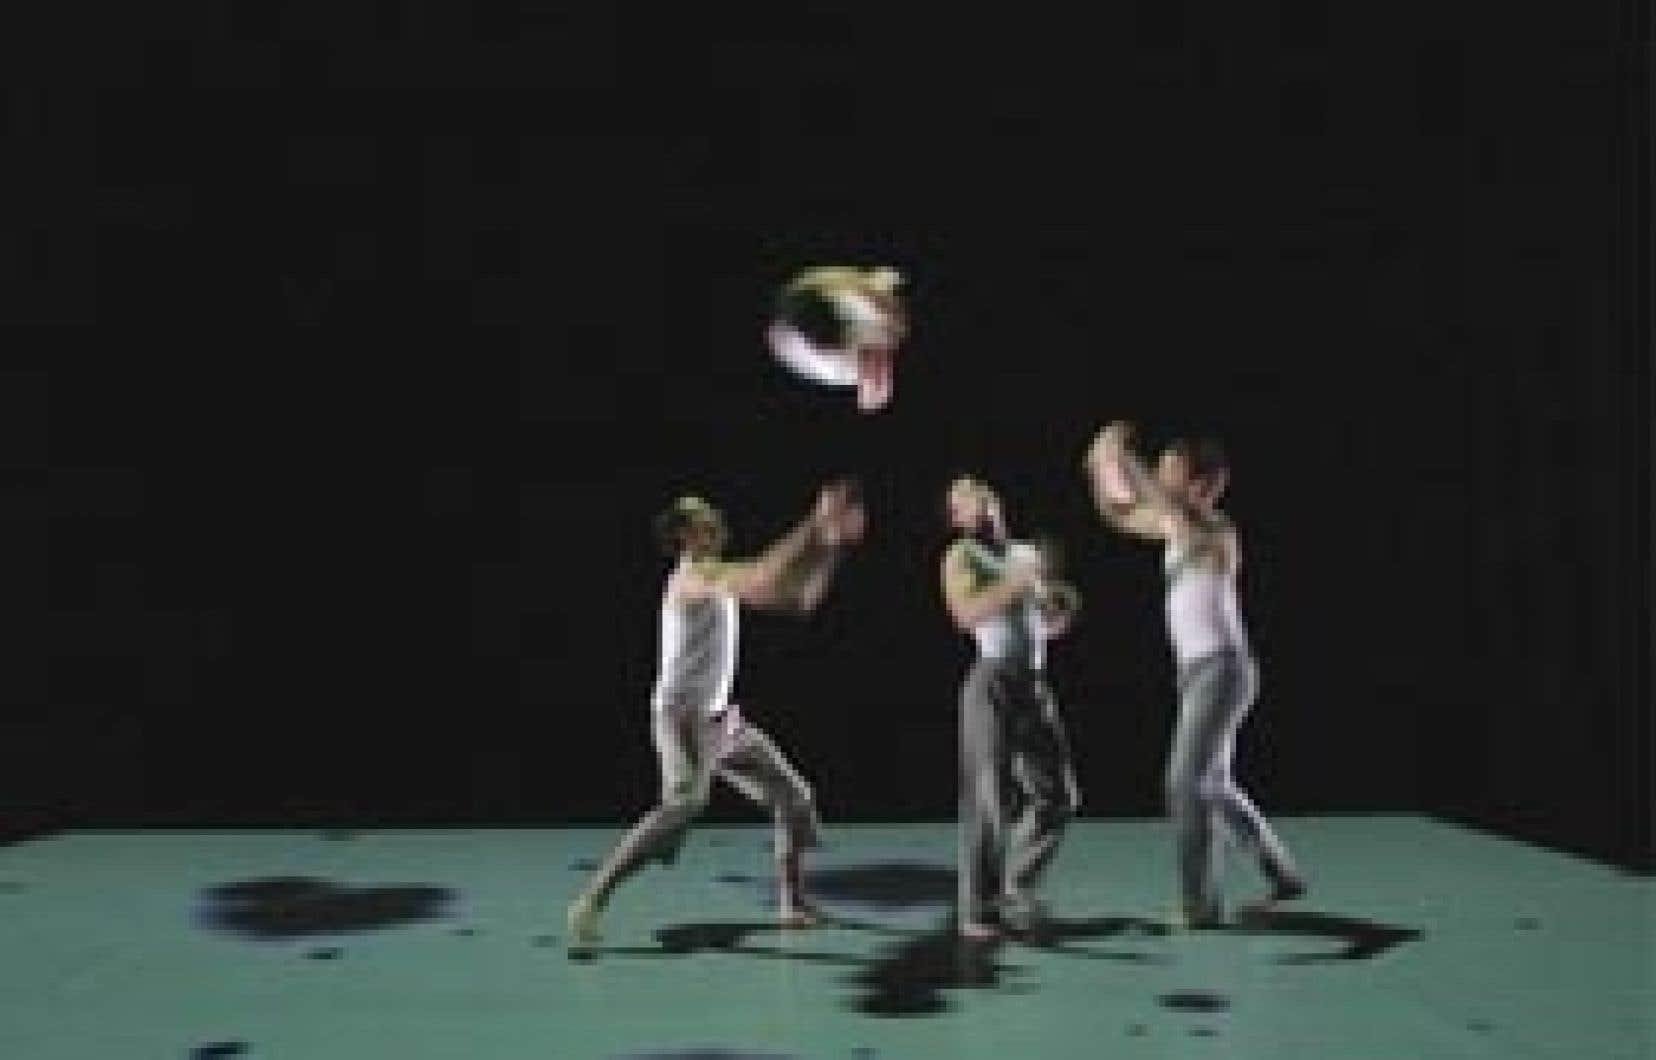 Minimaliste et carburant aux mouvements purs, la création By the light of stars that are no longer, par la troupe australienne C¡RCA, est née d'une belle métaphore. Celle de la vulnérabilité humaine ressentie la nuit sous des cieux criblés d'